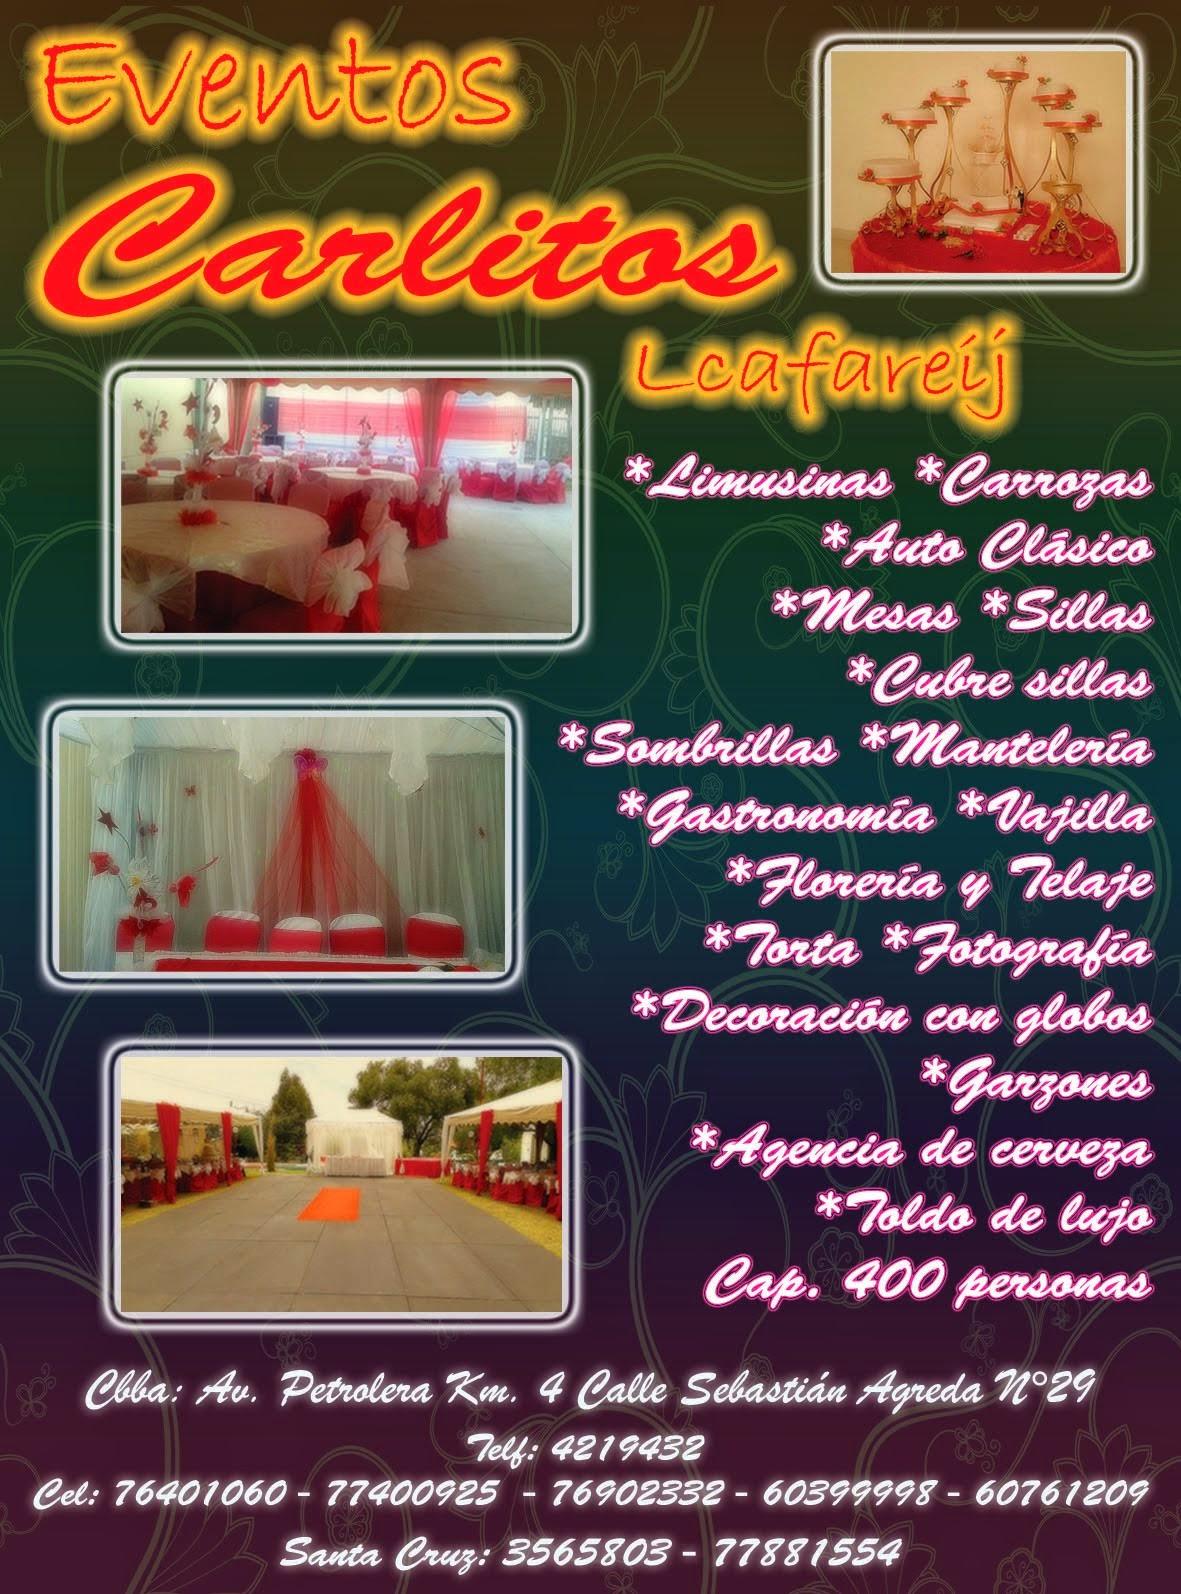 """Eventos """"Carlitos"""""""